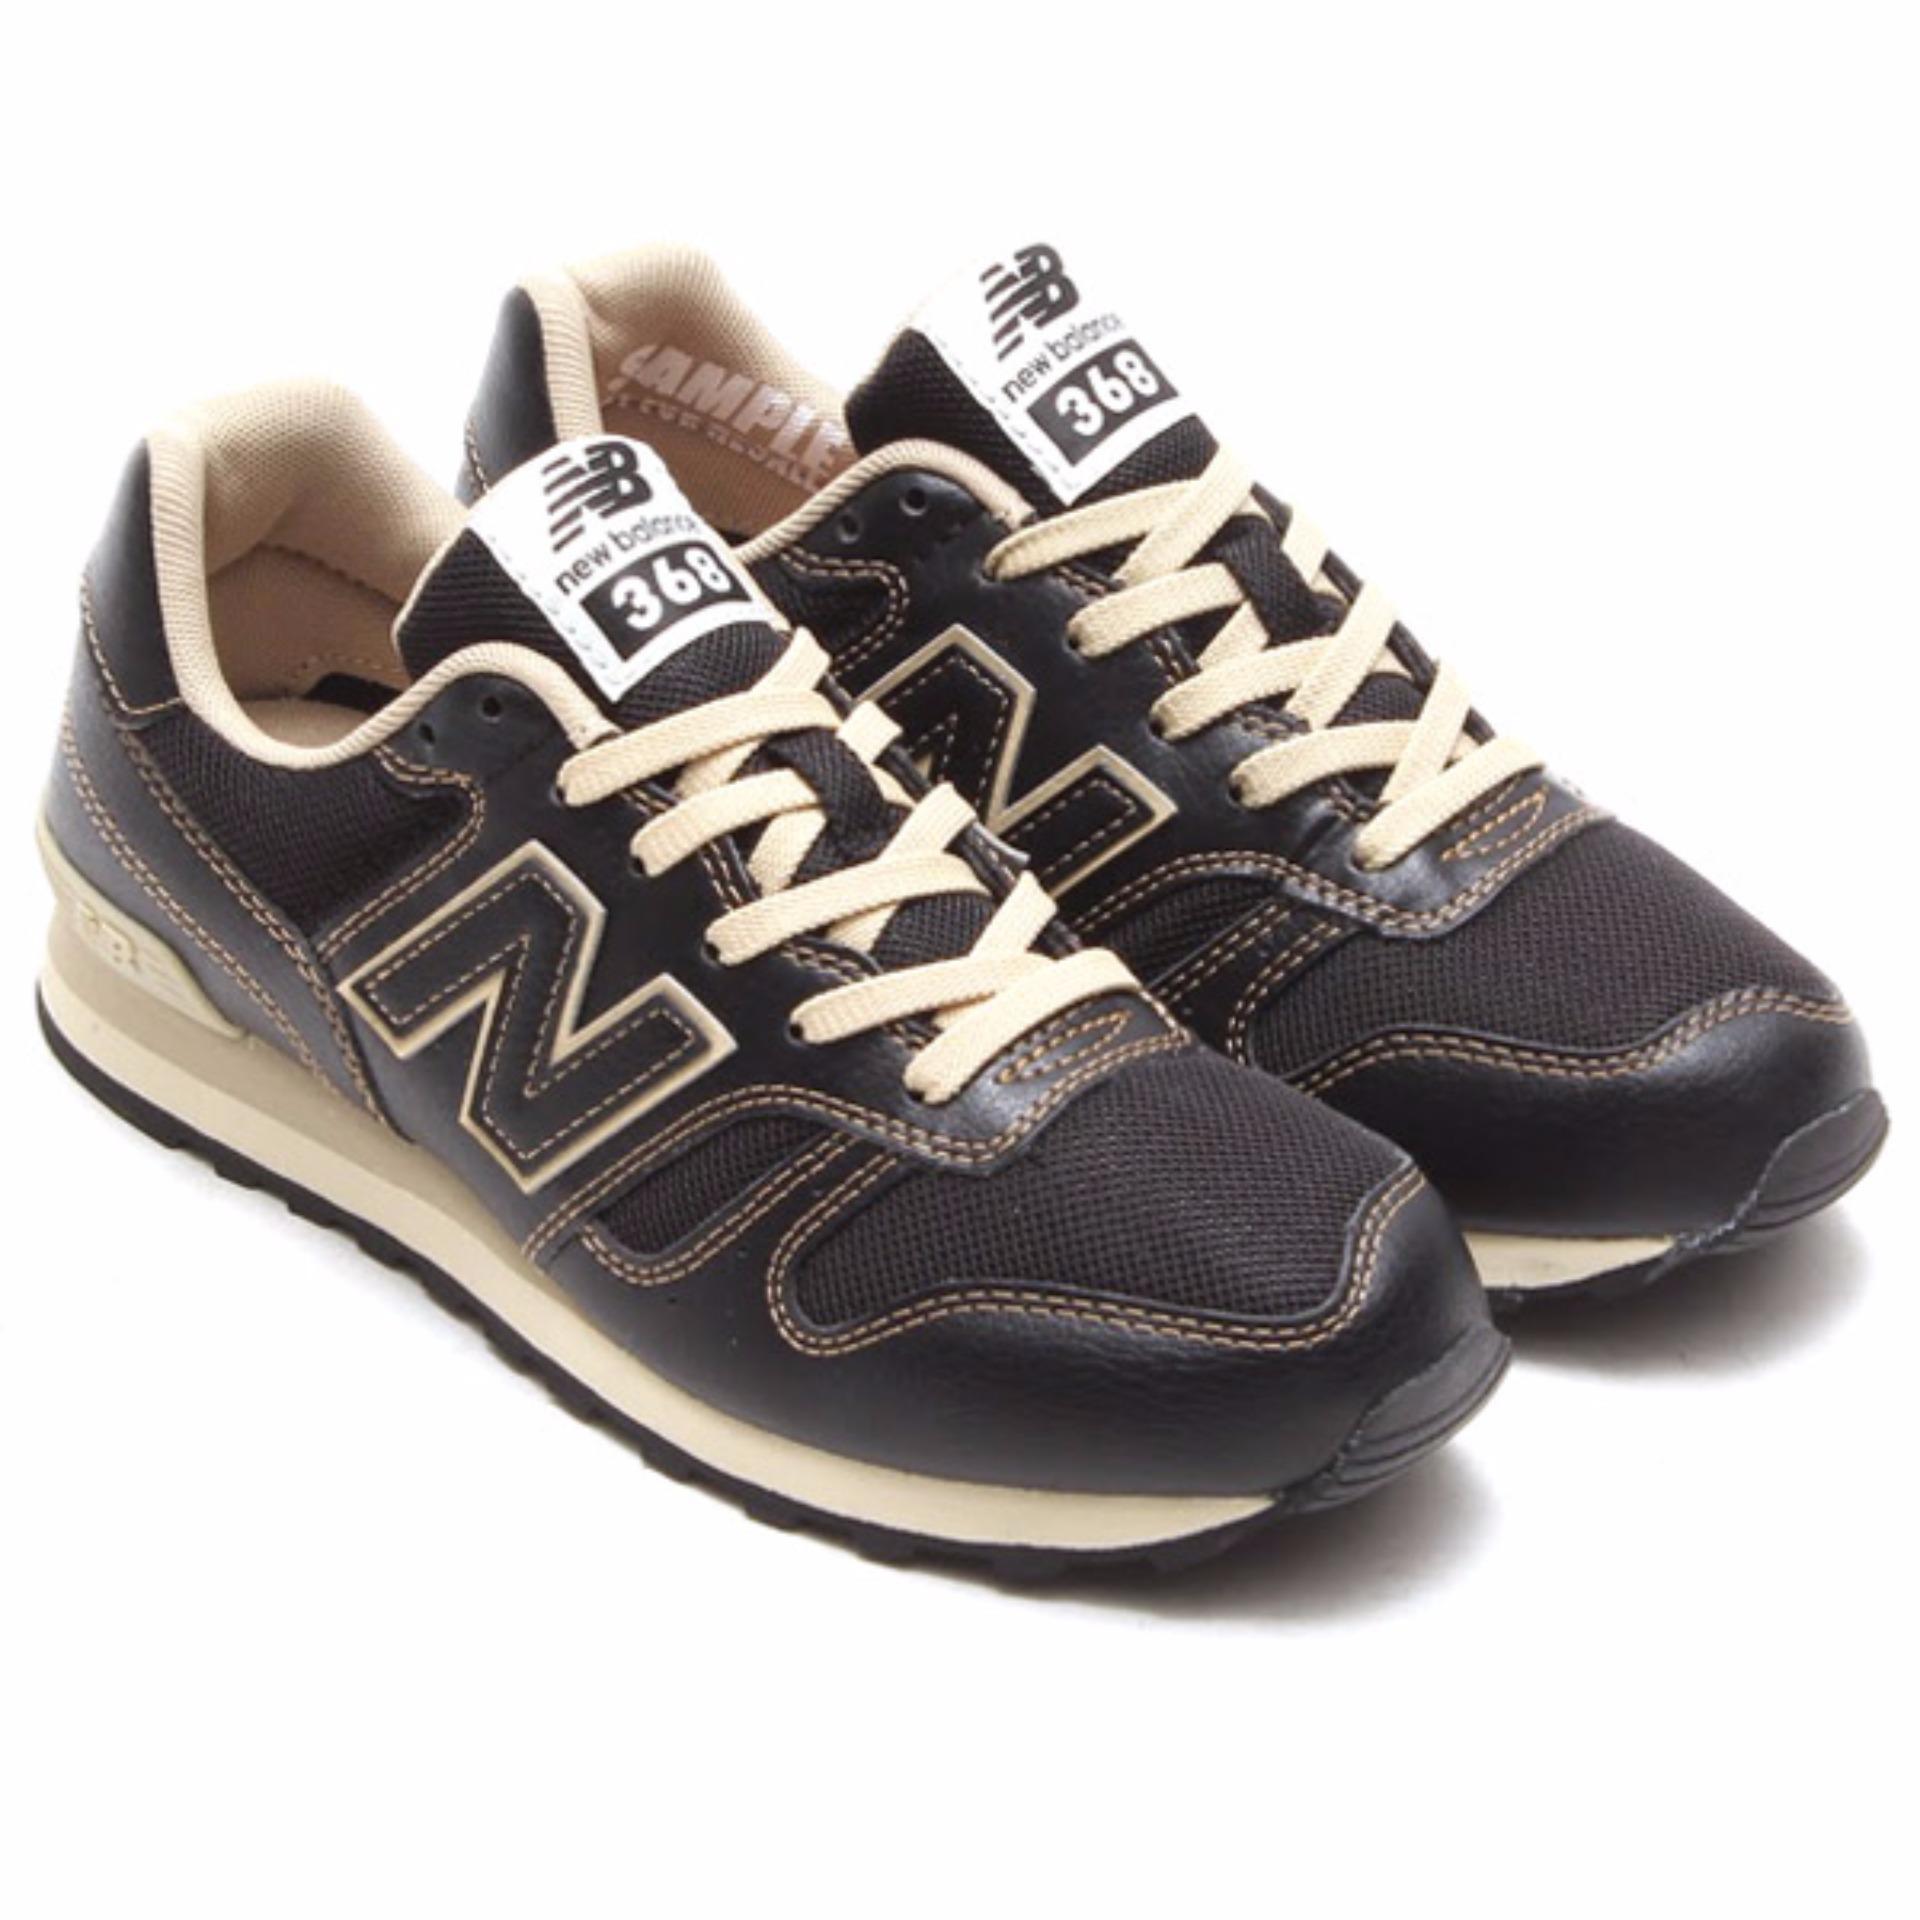 New Balance Ml515ahb Low Cut Sneakers Pria Navy Putih Daftar Harga 565 Hitam W 368 Jbk Classic Black